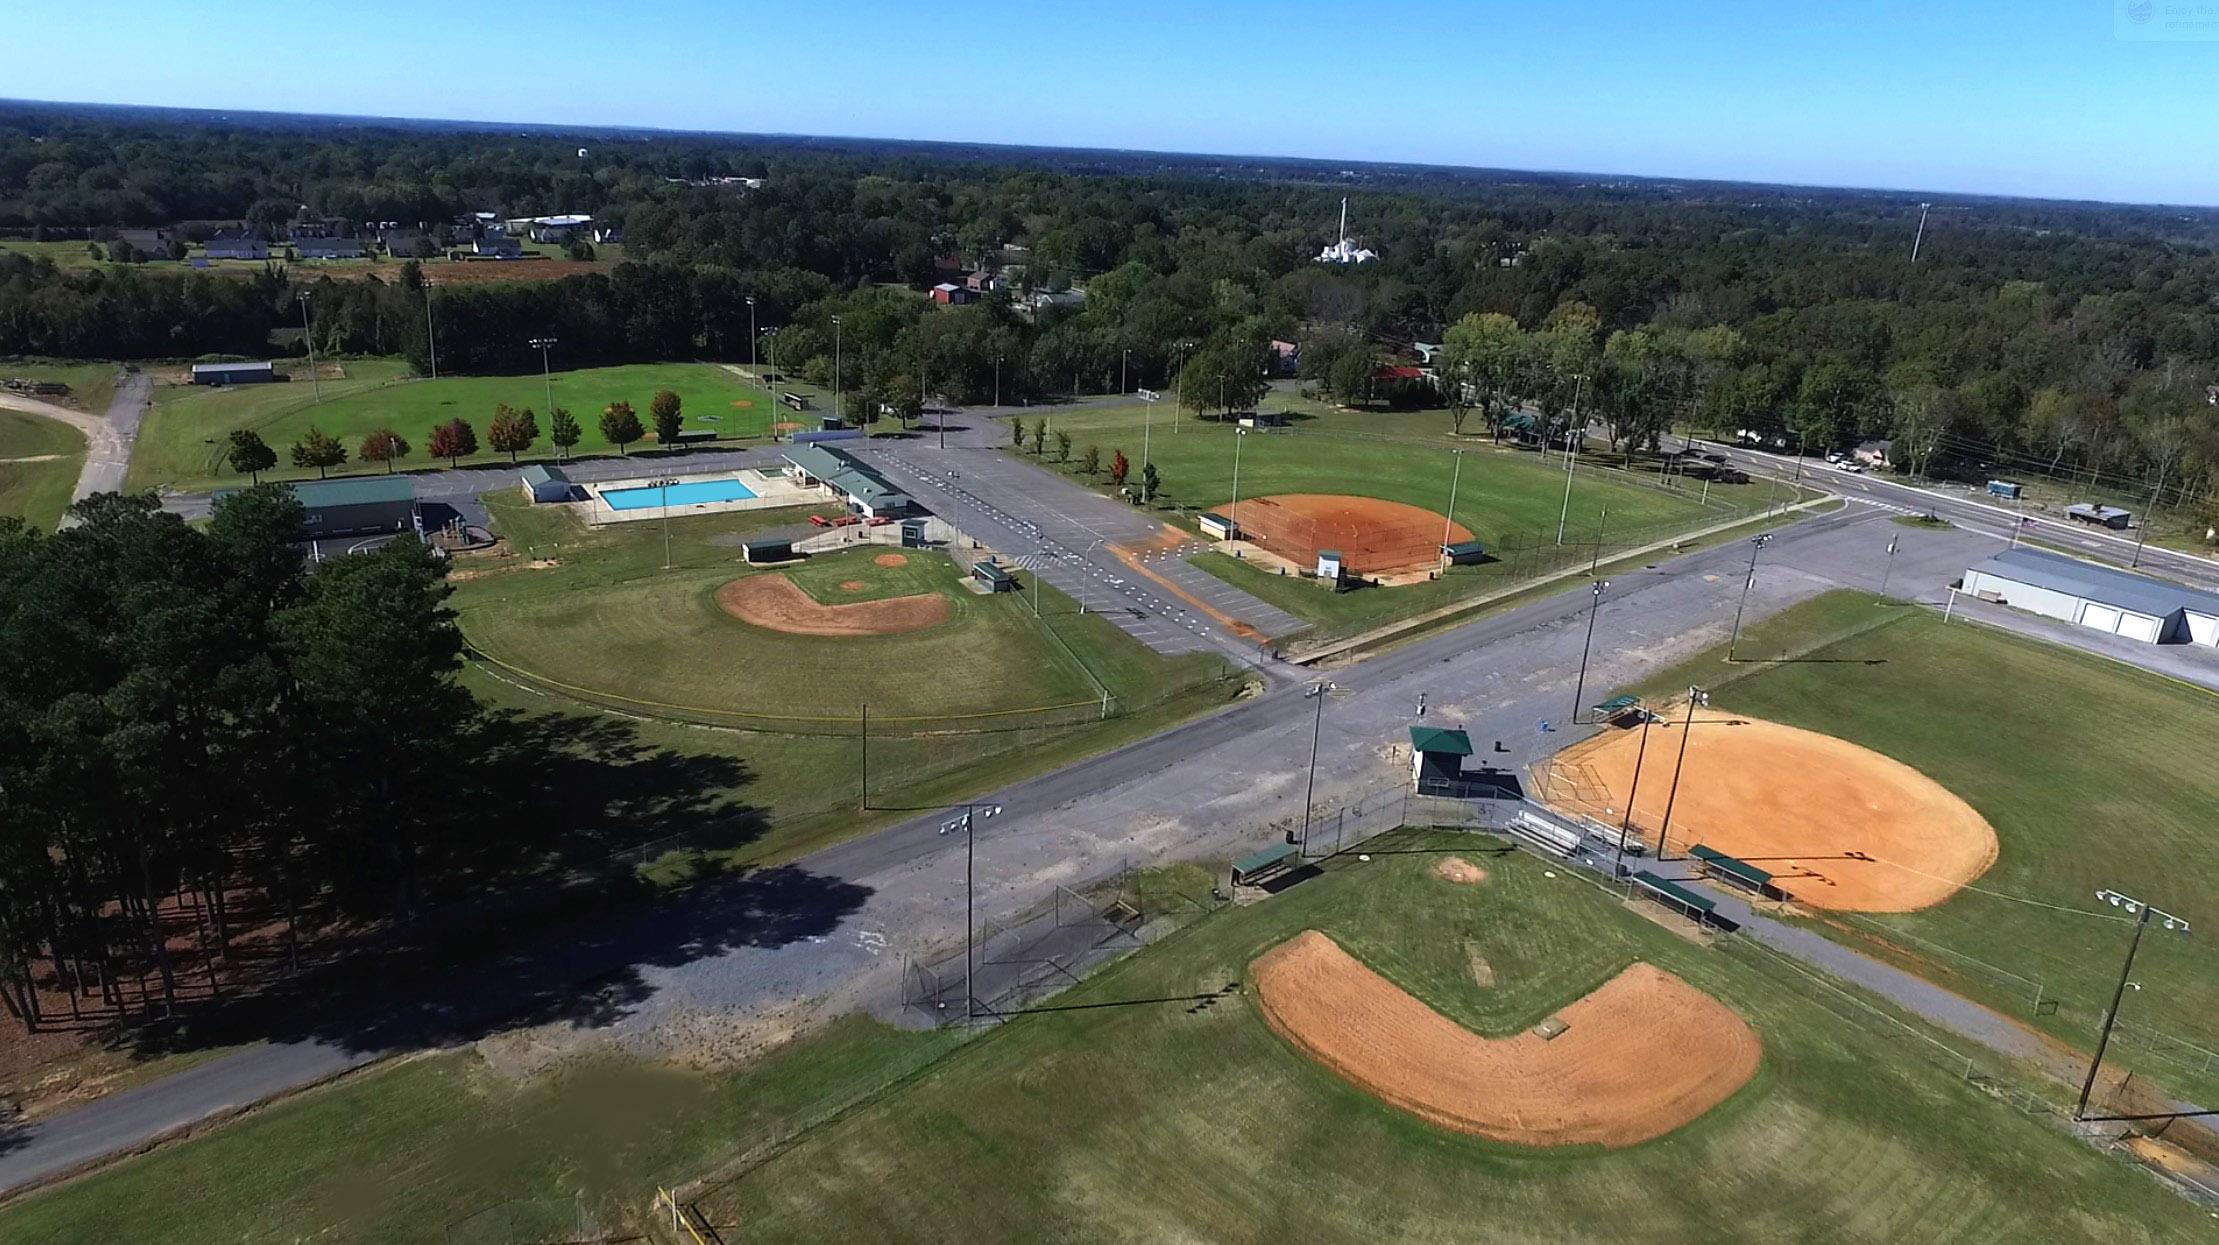 Sports Complex & Park - Crossville City Park14108 Al. HWY 68Jason Sims – Park Director – (256) 557-7244